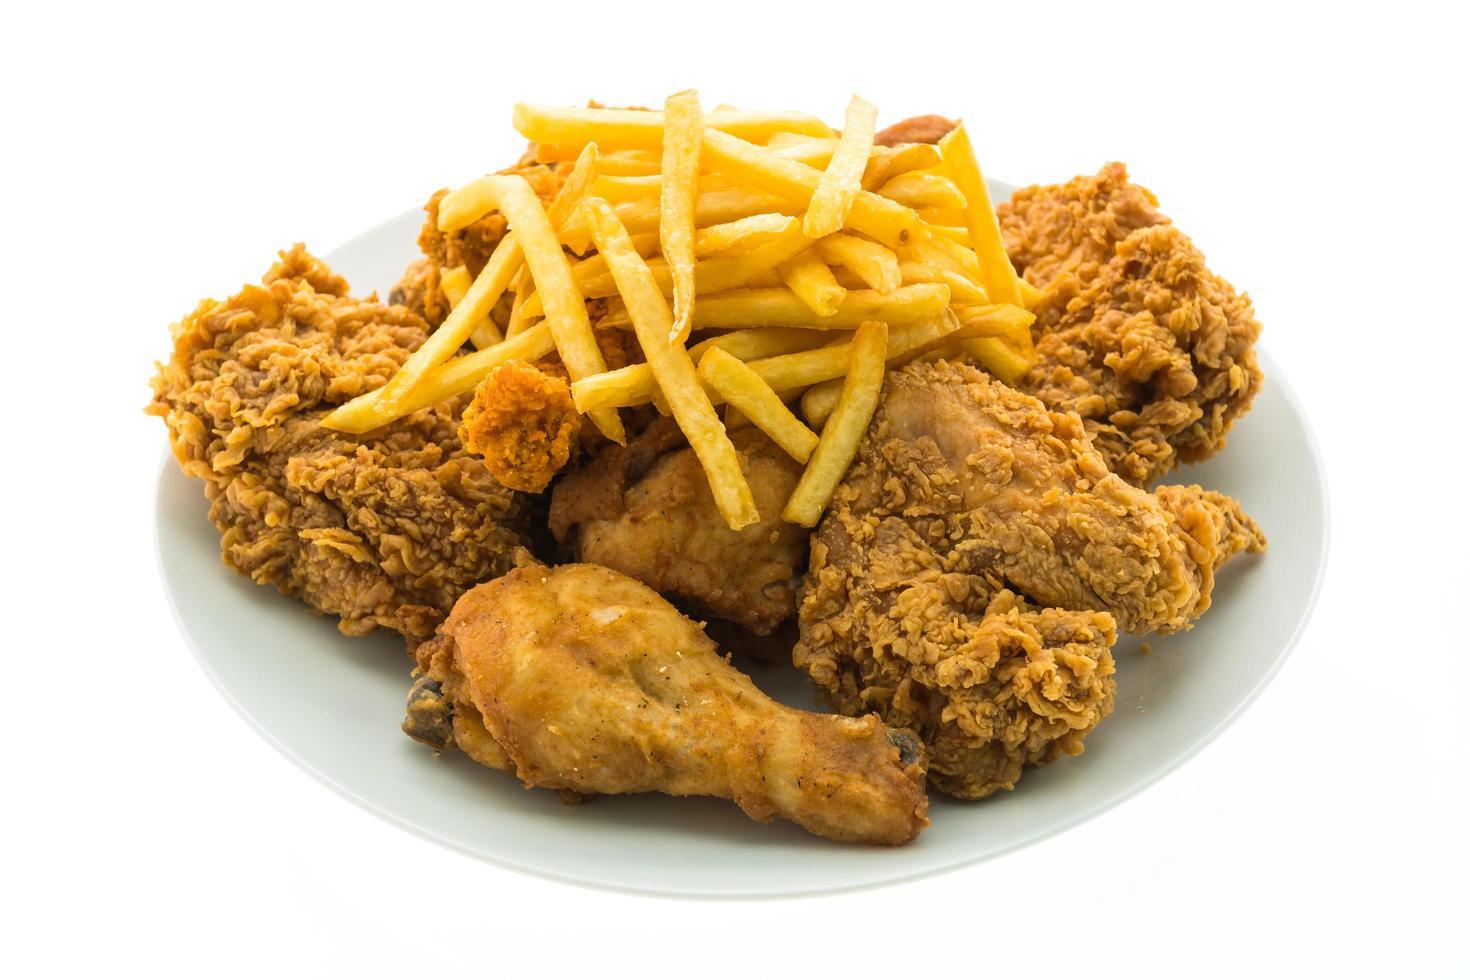 frango frito e batatas fritas em um prato branco foto